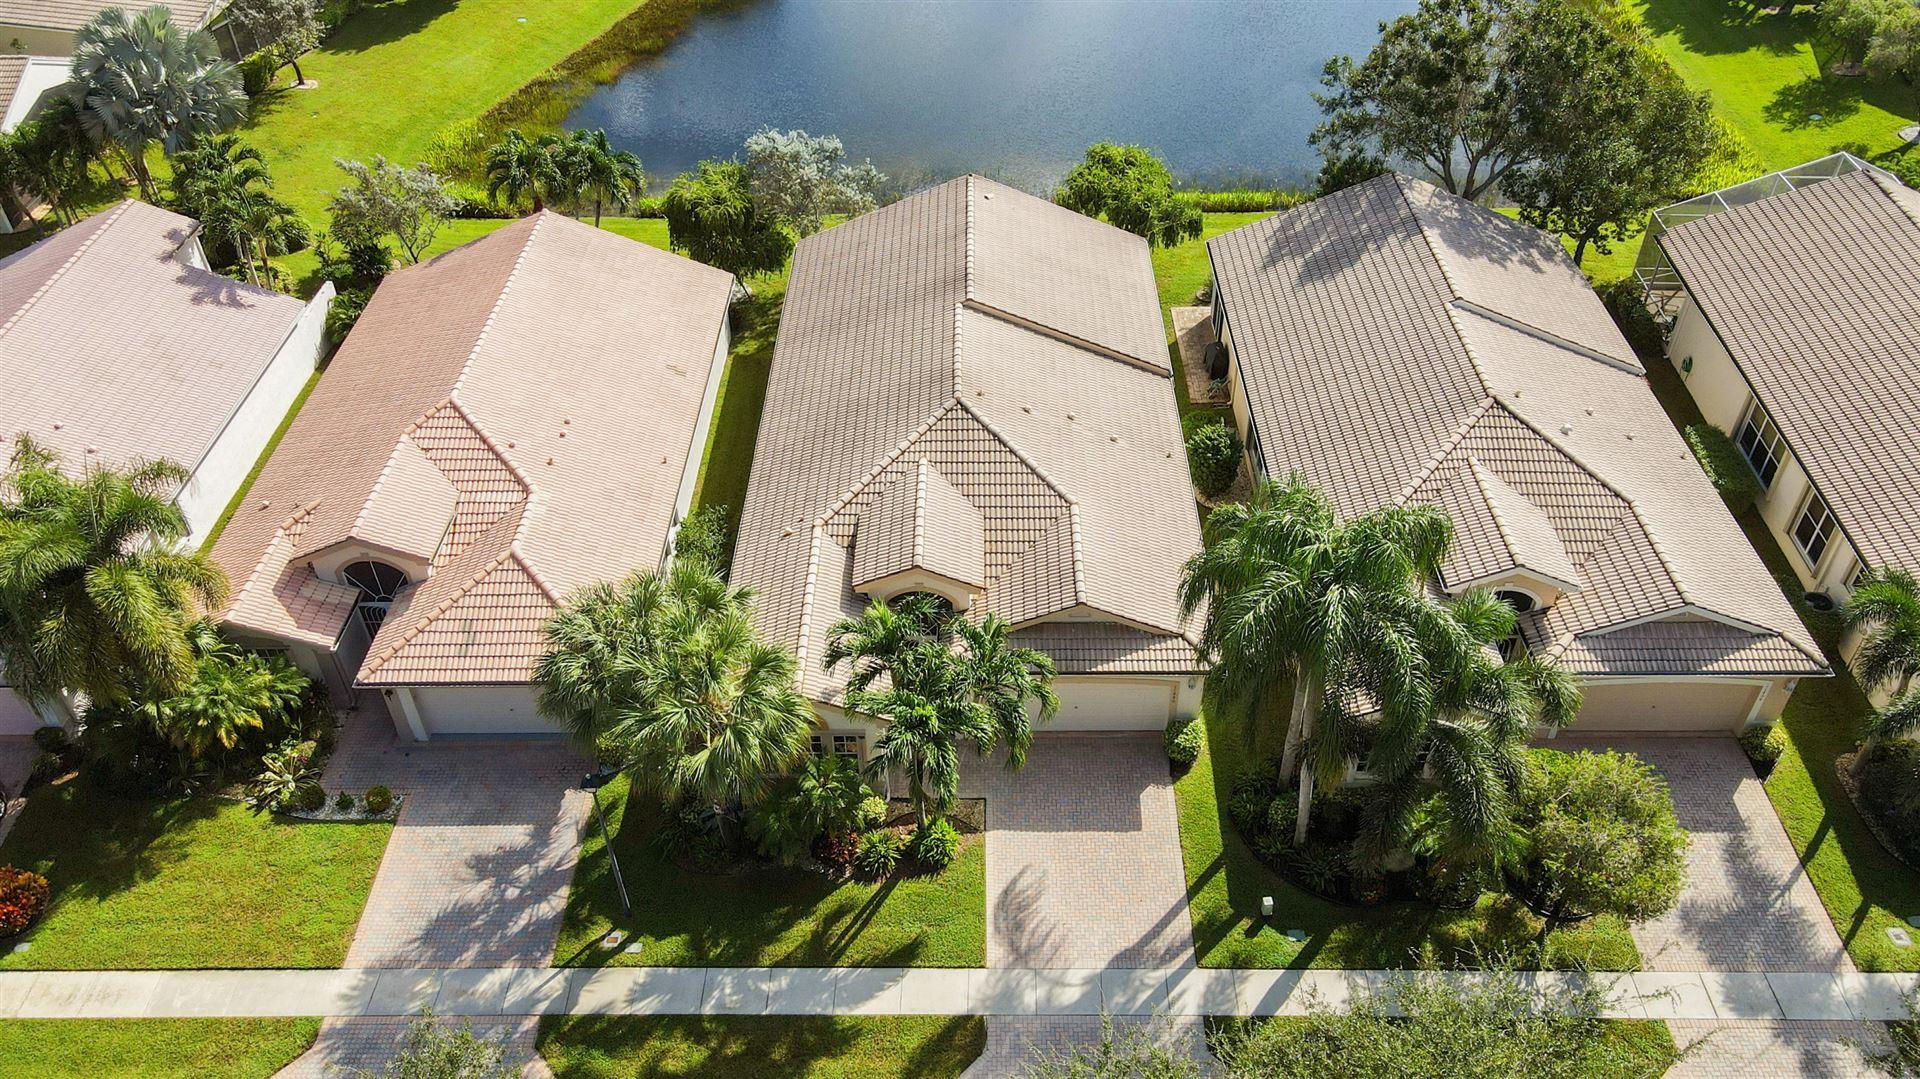 11446 Lanai Lane, Boynton Beach, FL 33437 - #: RX-10662014